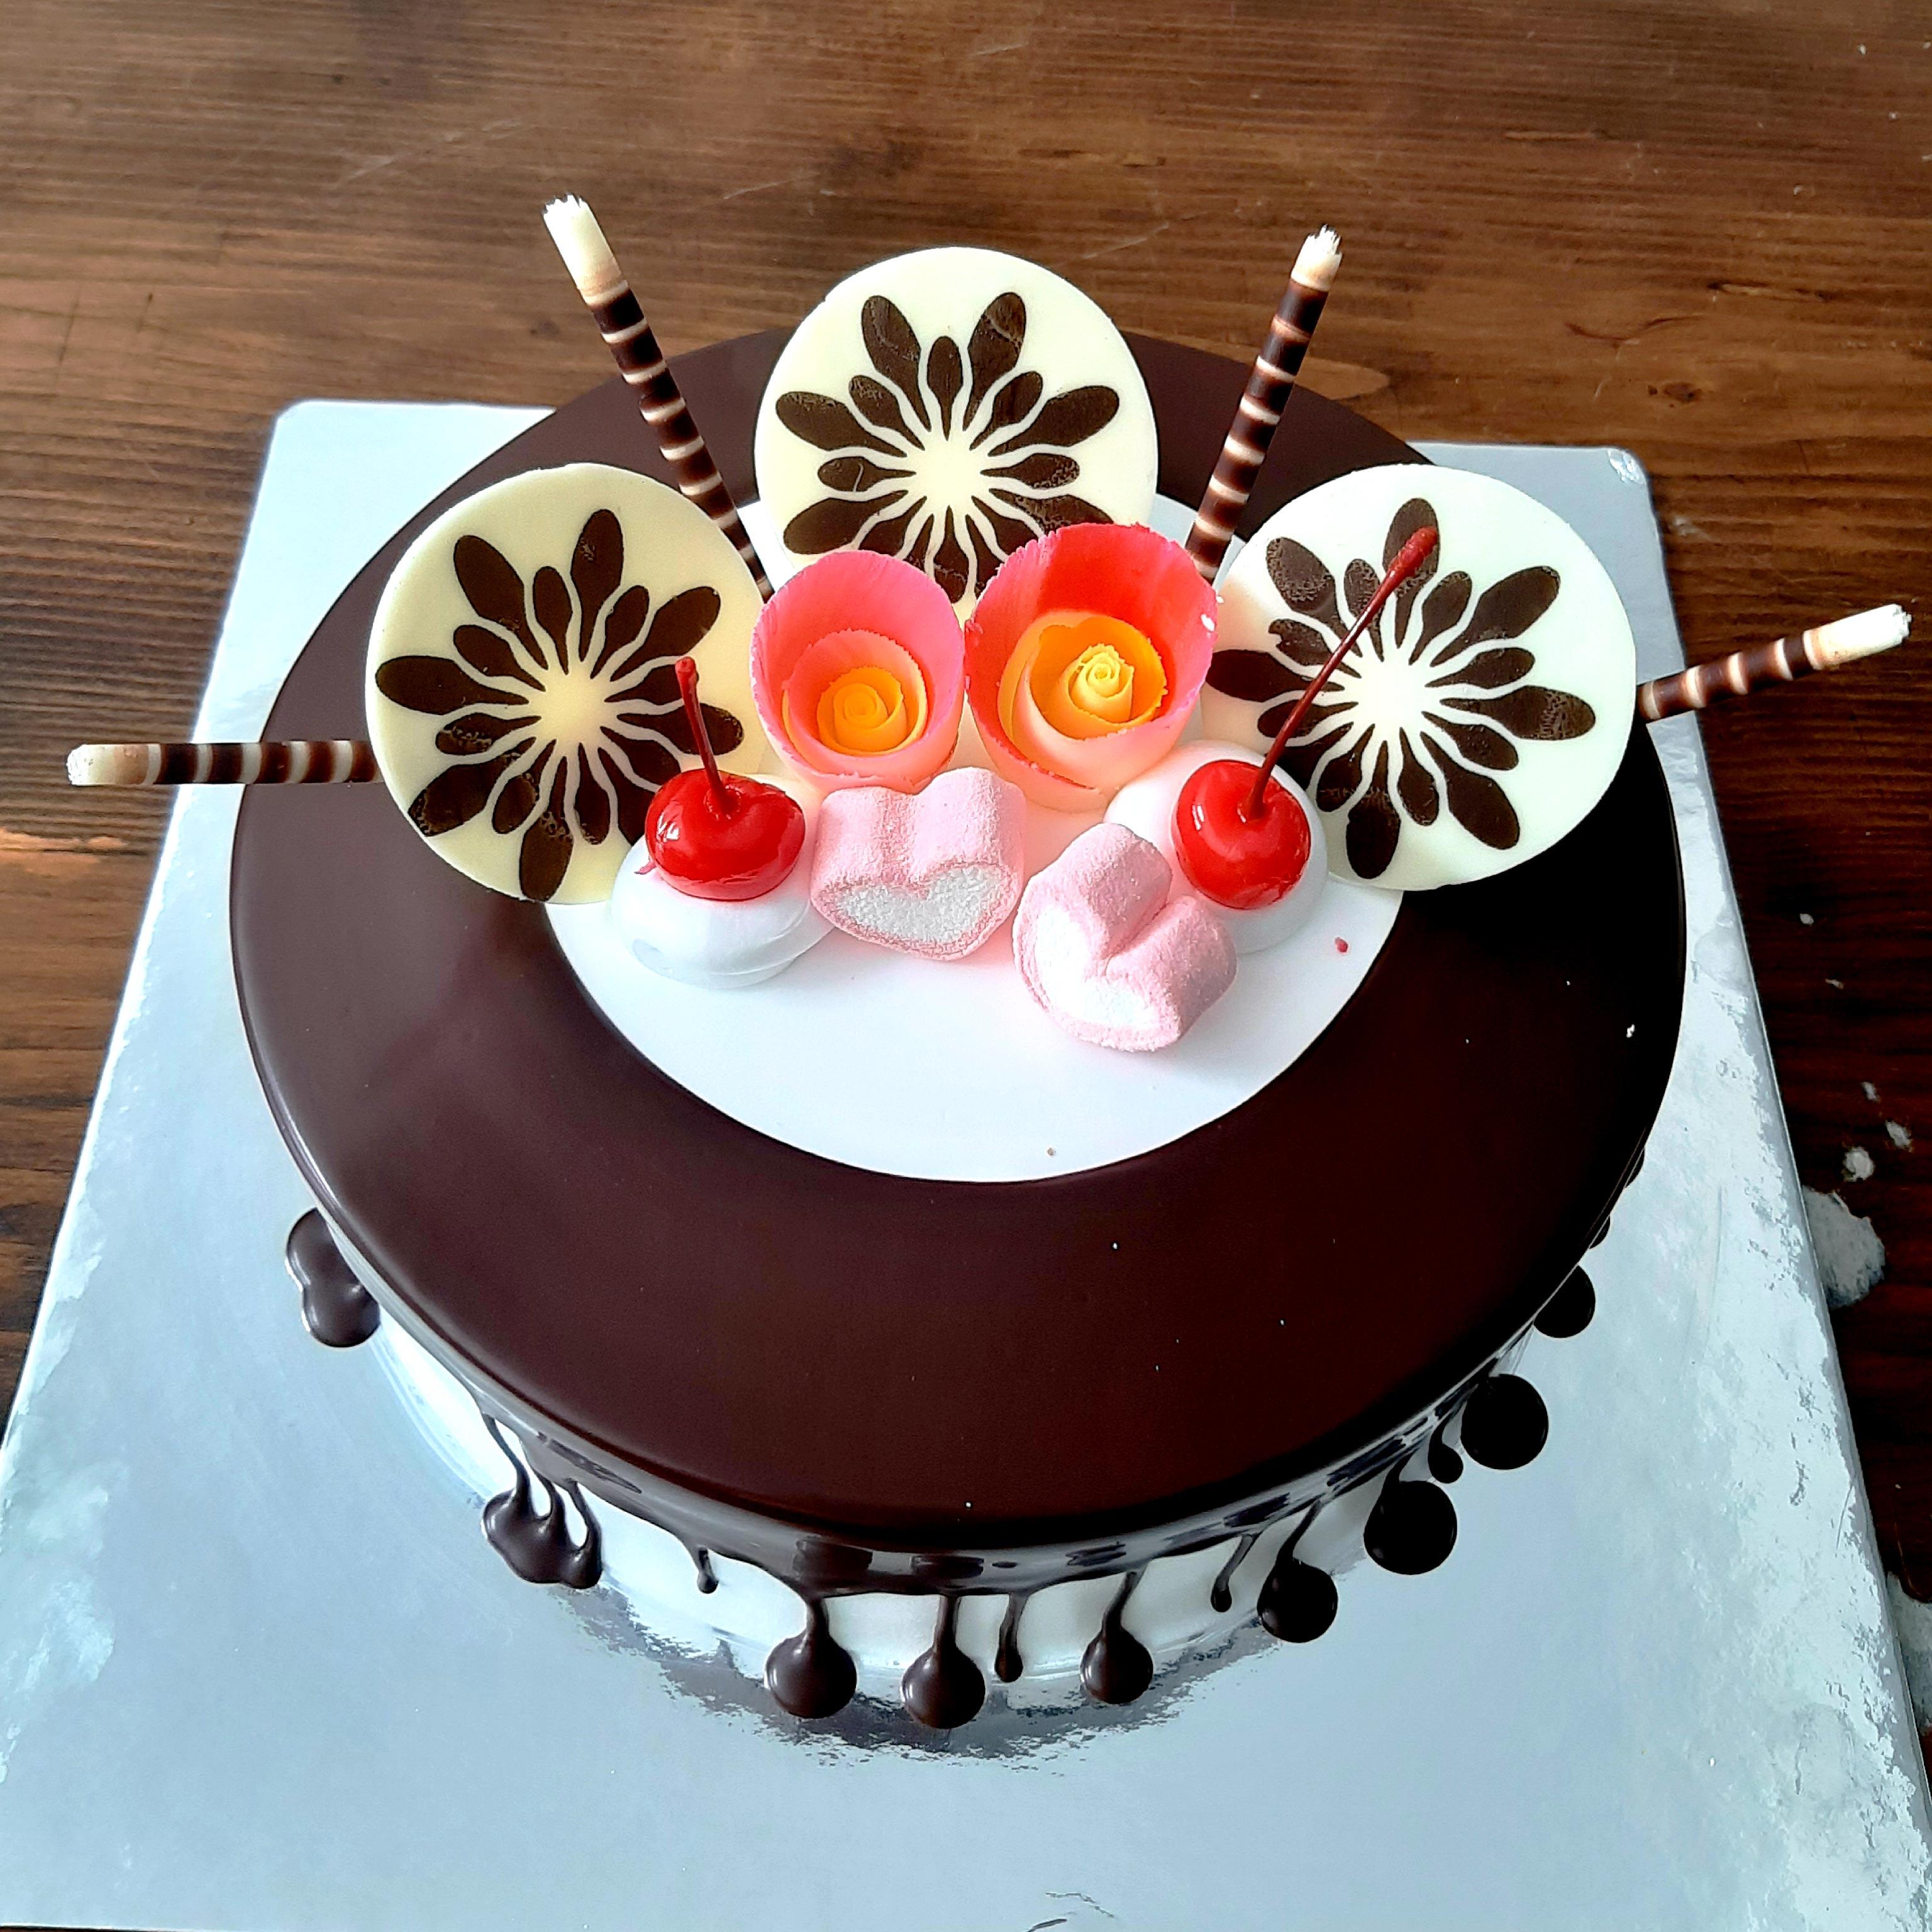 Bánh kem sinh nhật-871 | Bánh kem Chocolatte | Bánh kem